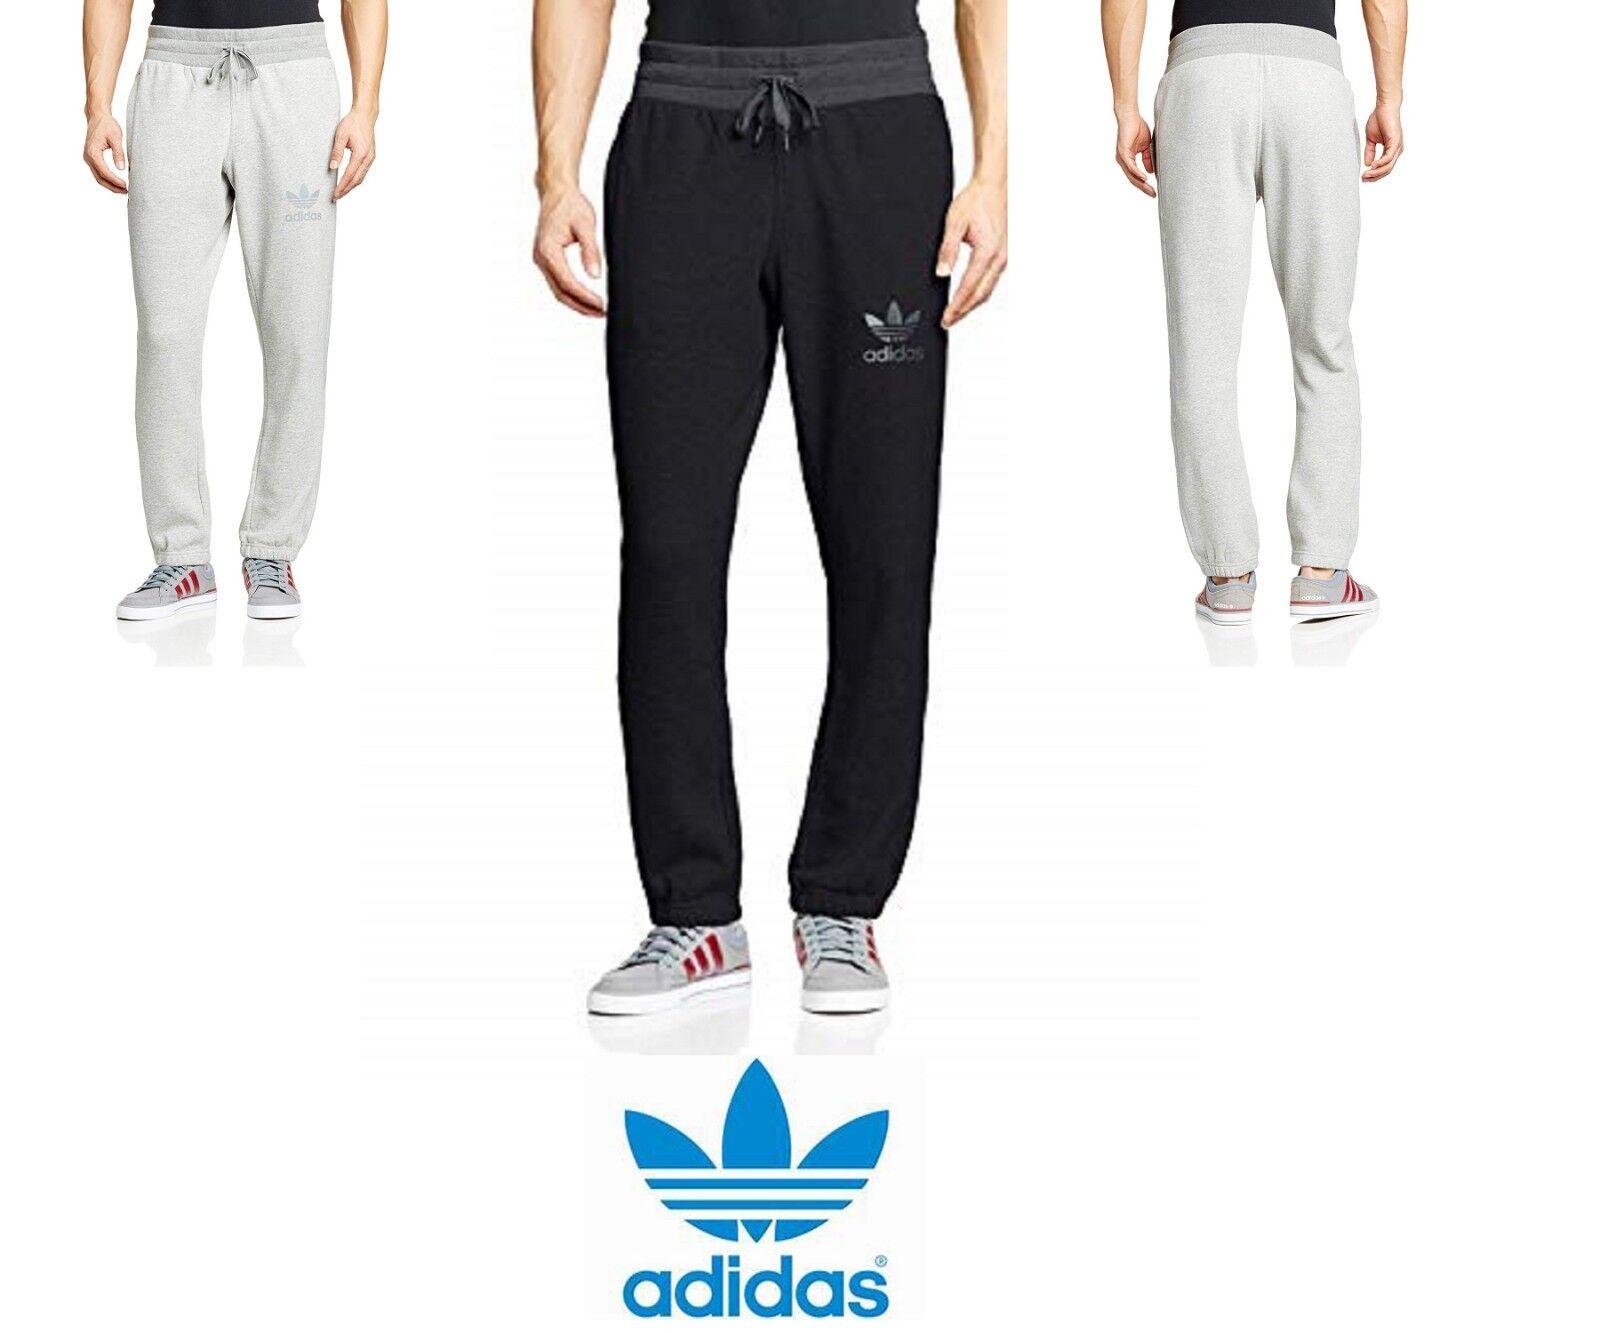 Adidas Hombre Spo Pantalón de Chándal Polar Pantalones